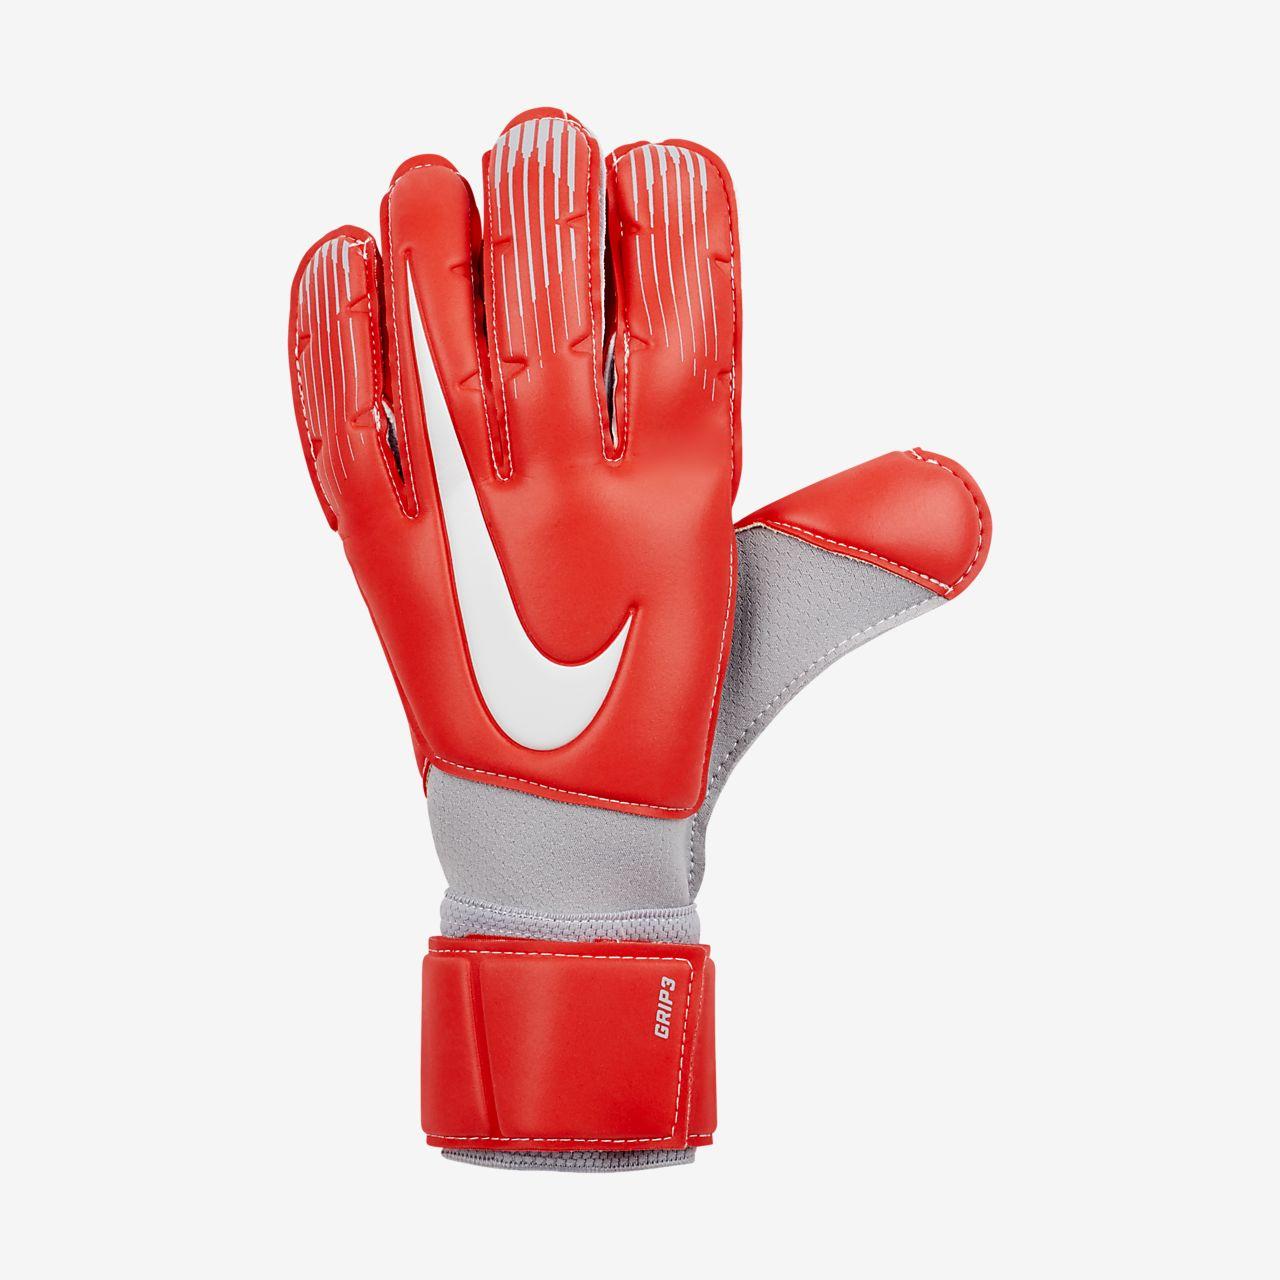 Nike Grip3 Goalkeeper Fußballhandschuhe